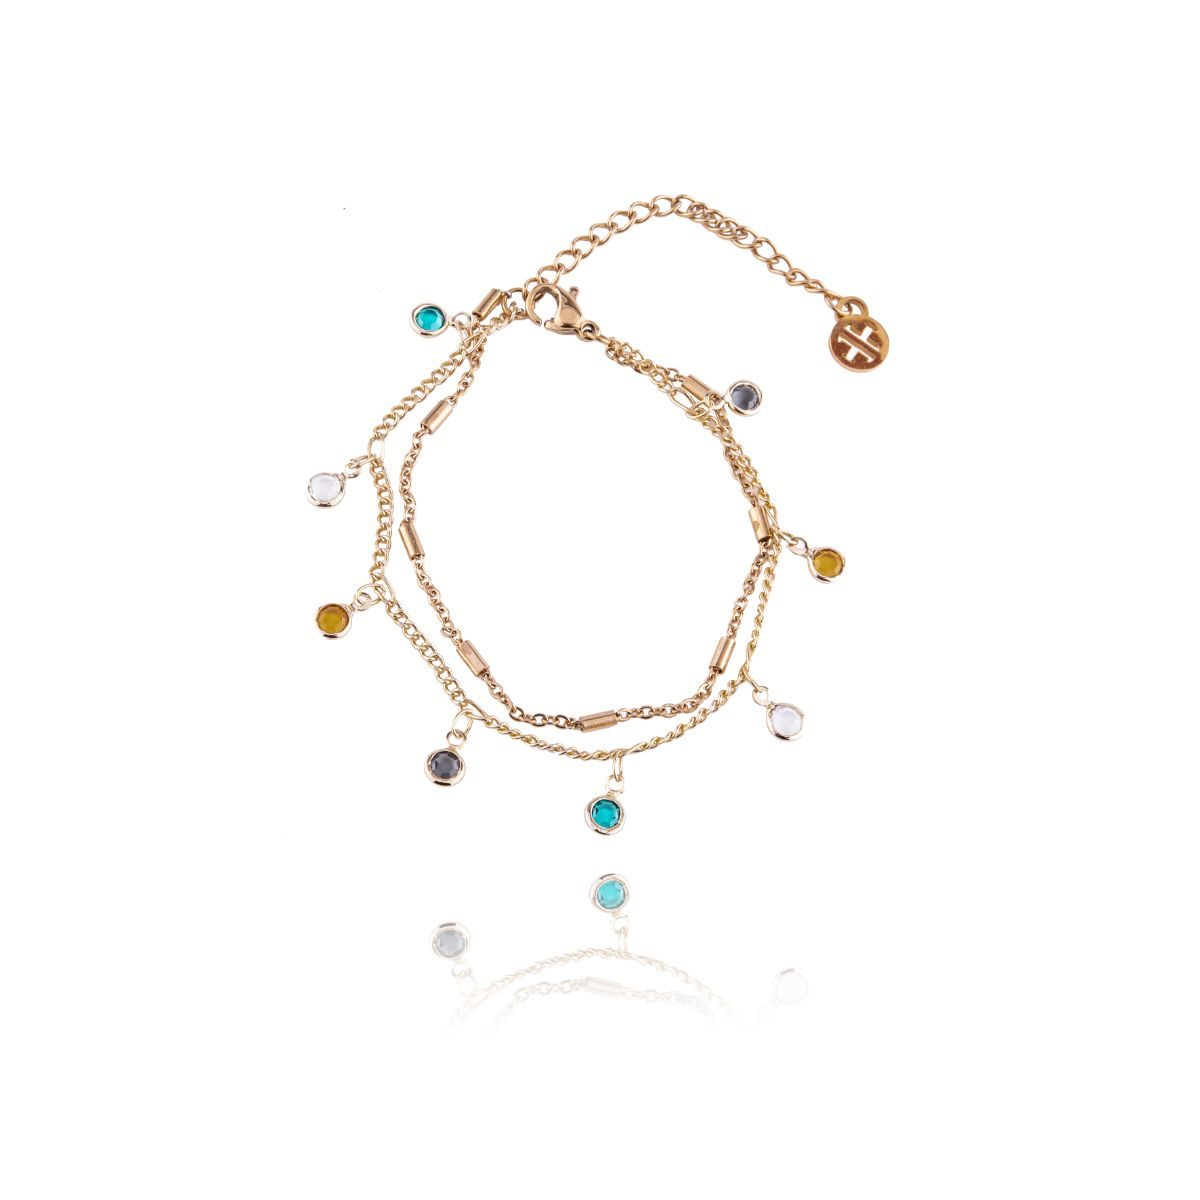 Tolousse fina pulsera con dos vueltas de cadenitas con cristales multicolor en una de ellas.